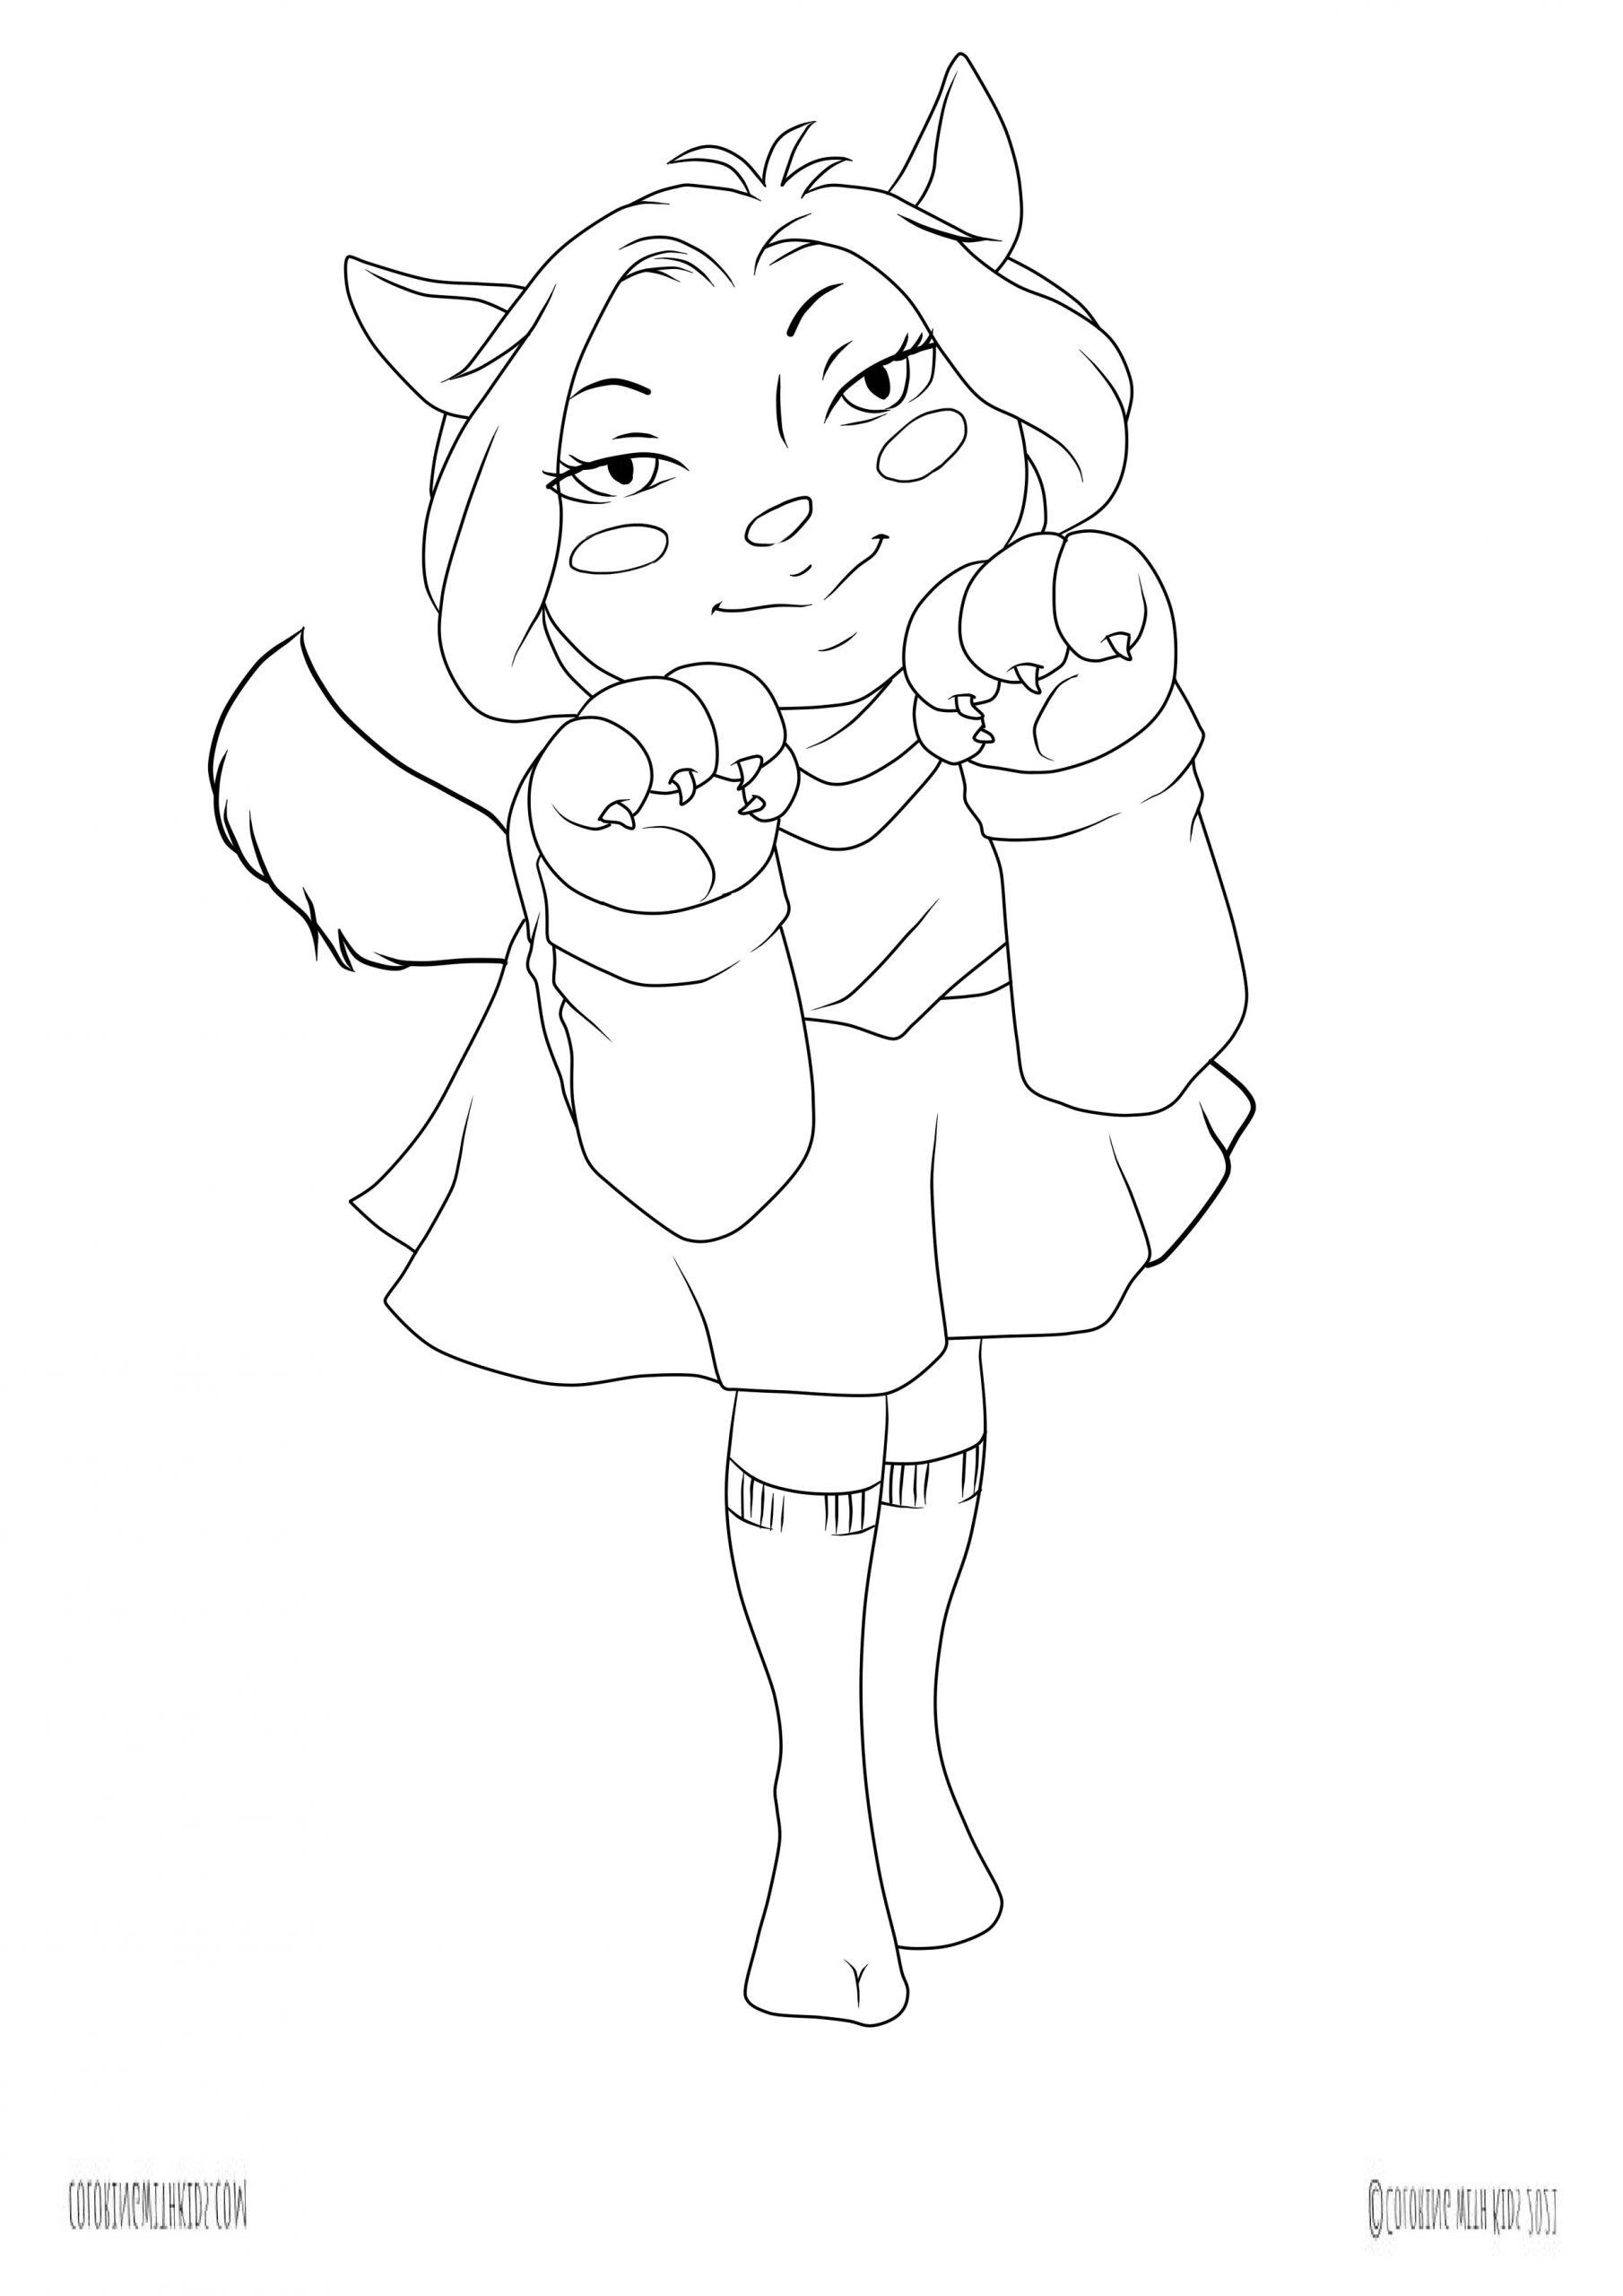 kawaii cat girl coloring page